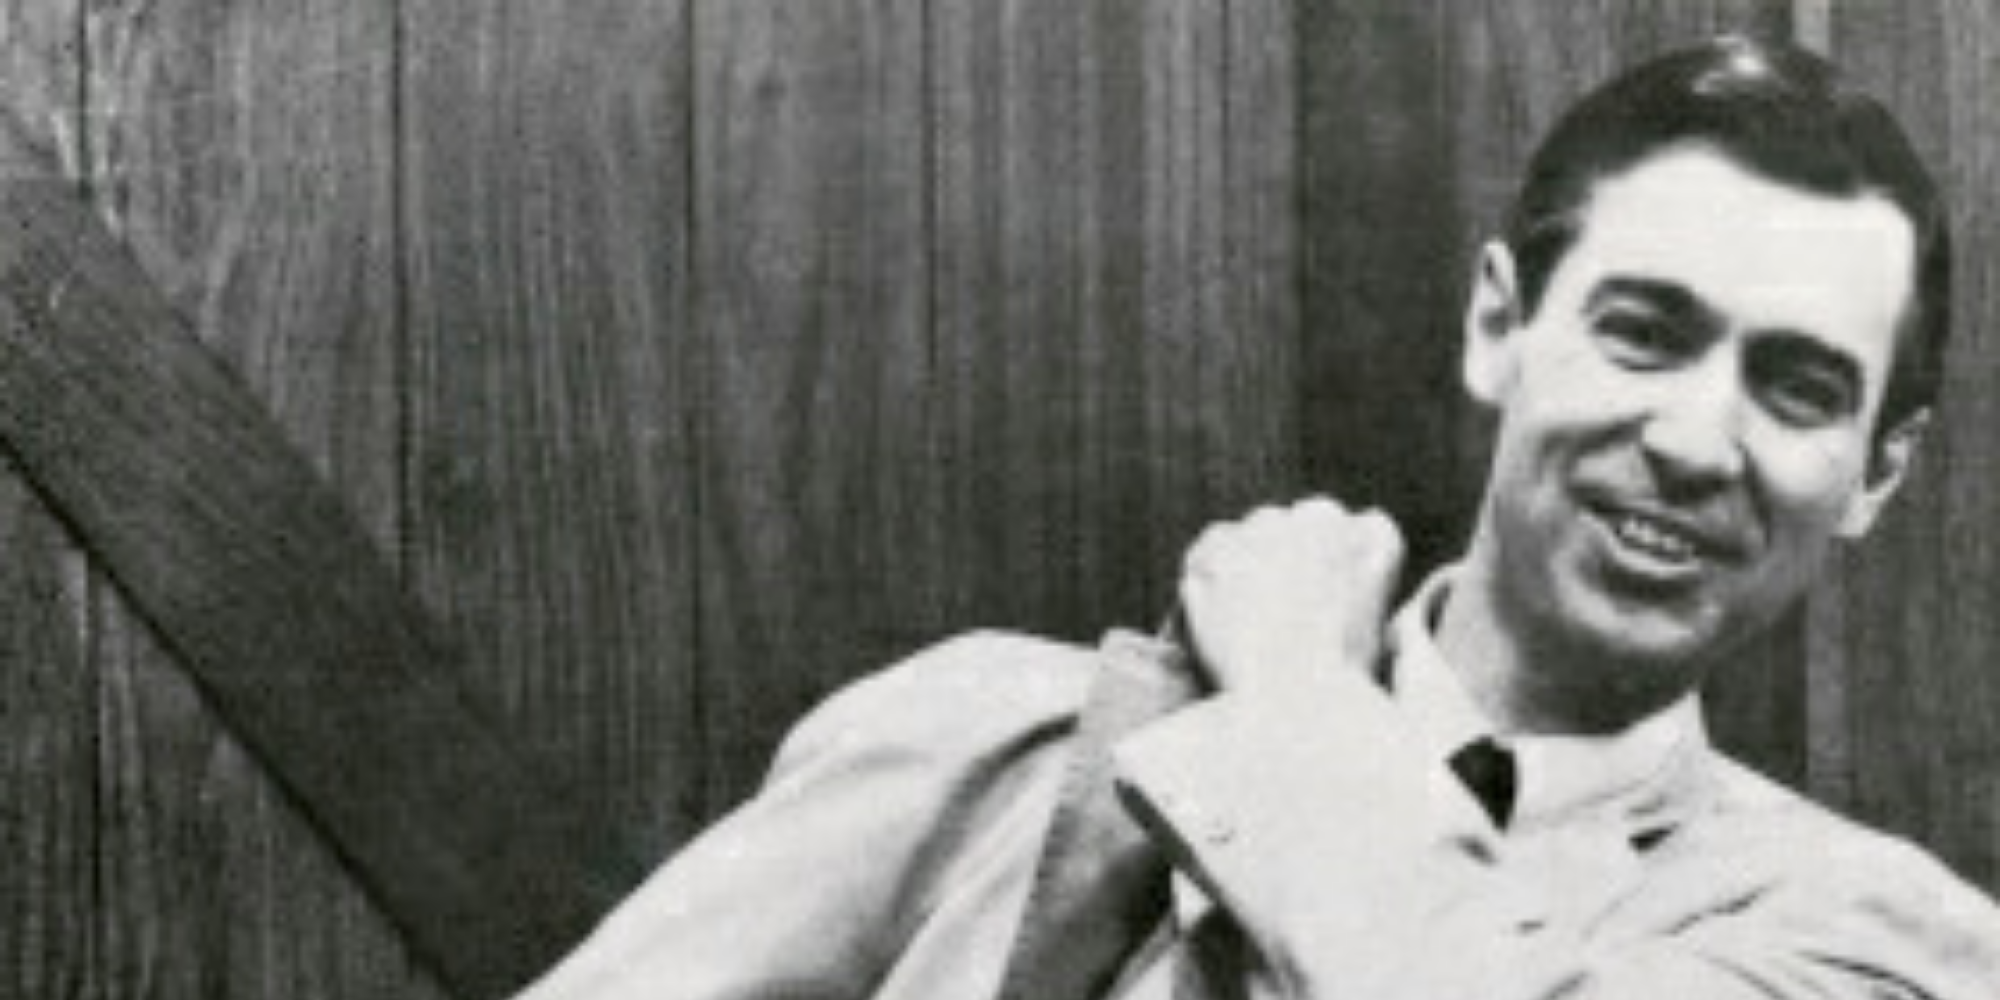 Mister Rogers Neighborhood Heads to Amazon Prime UK